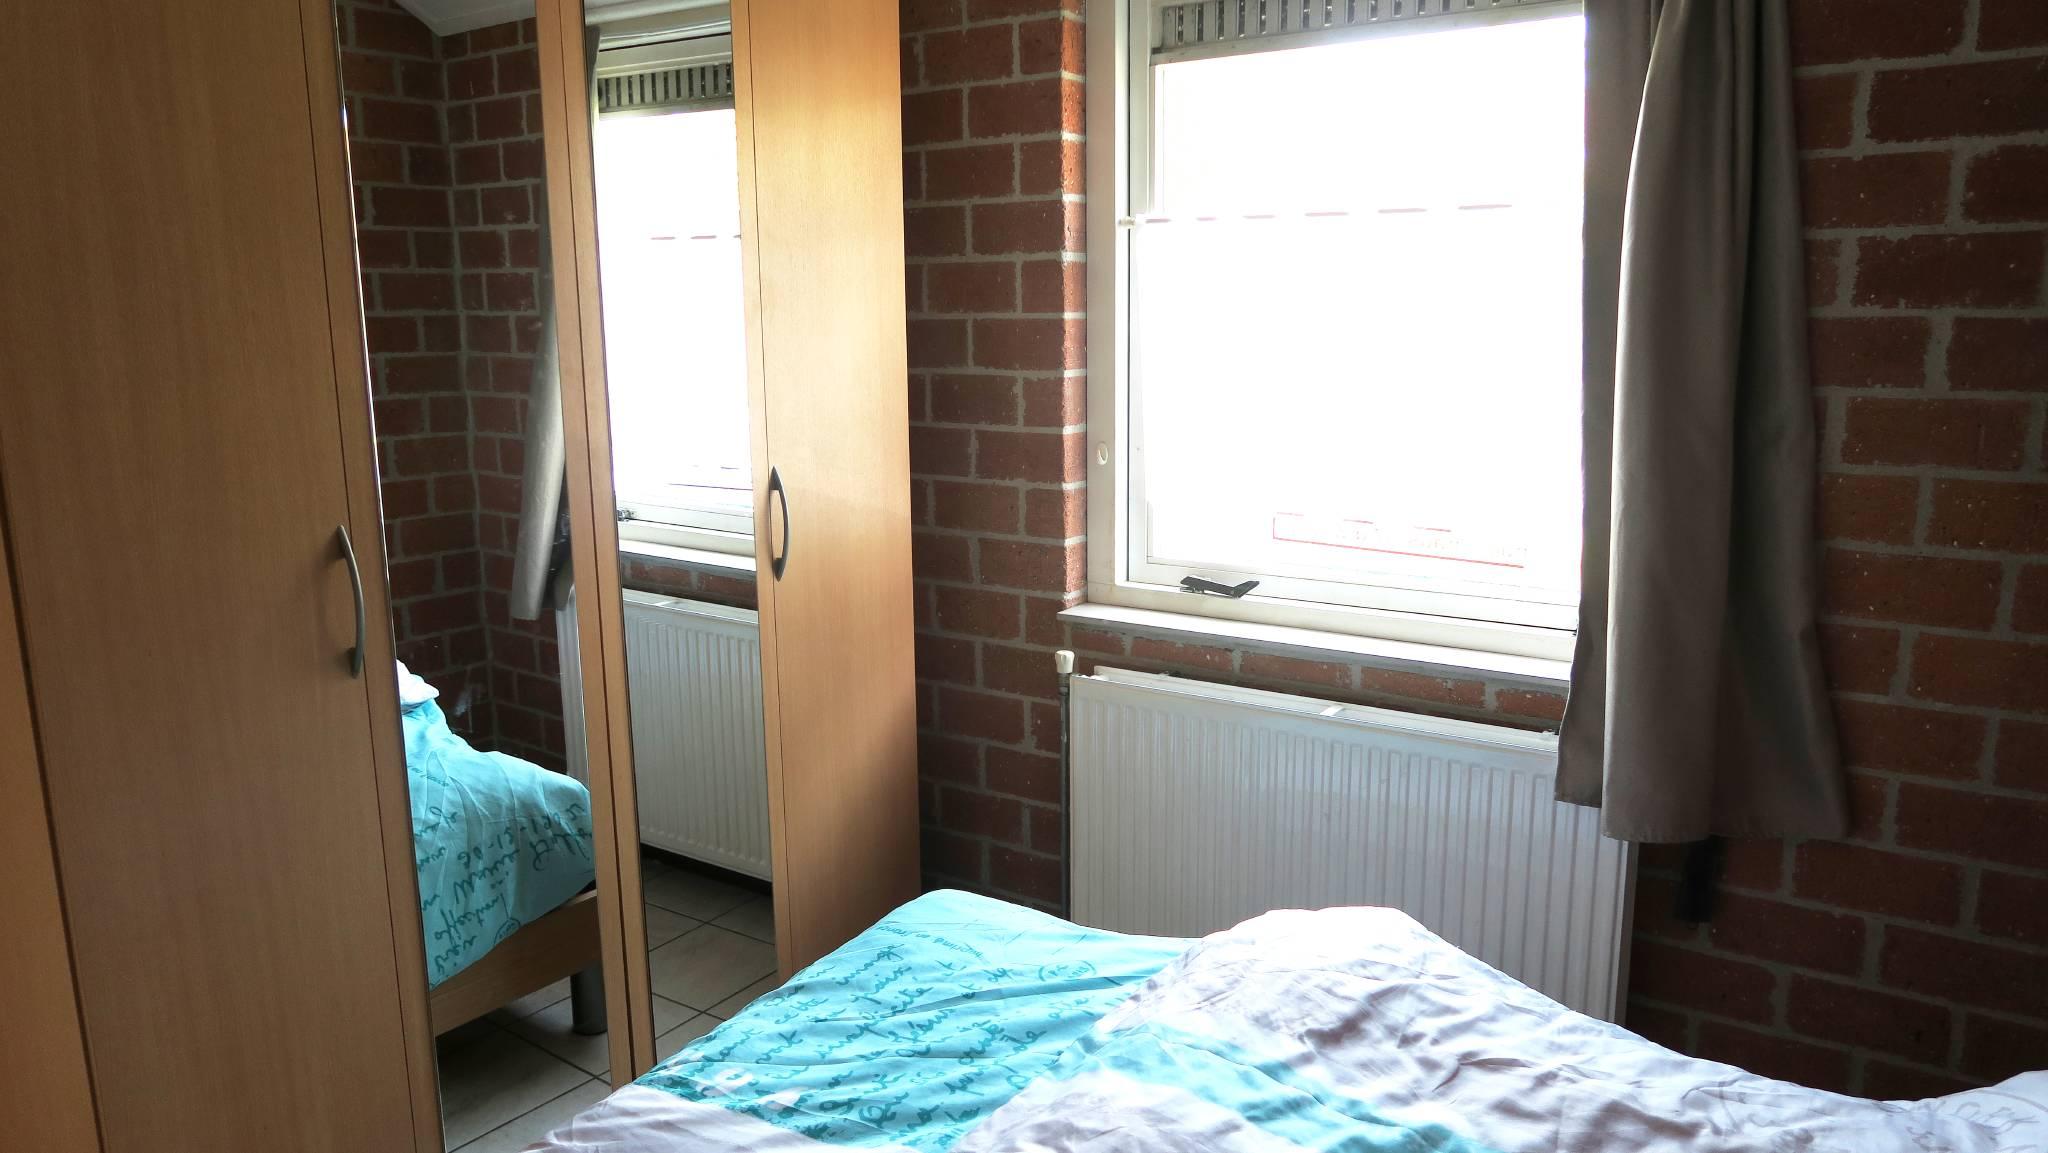 Schlafzimmer #2 mit Etagenbett